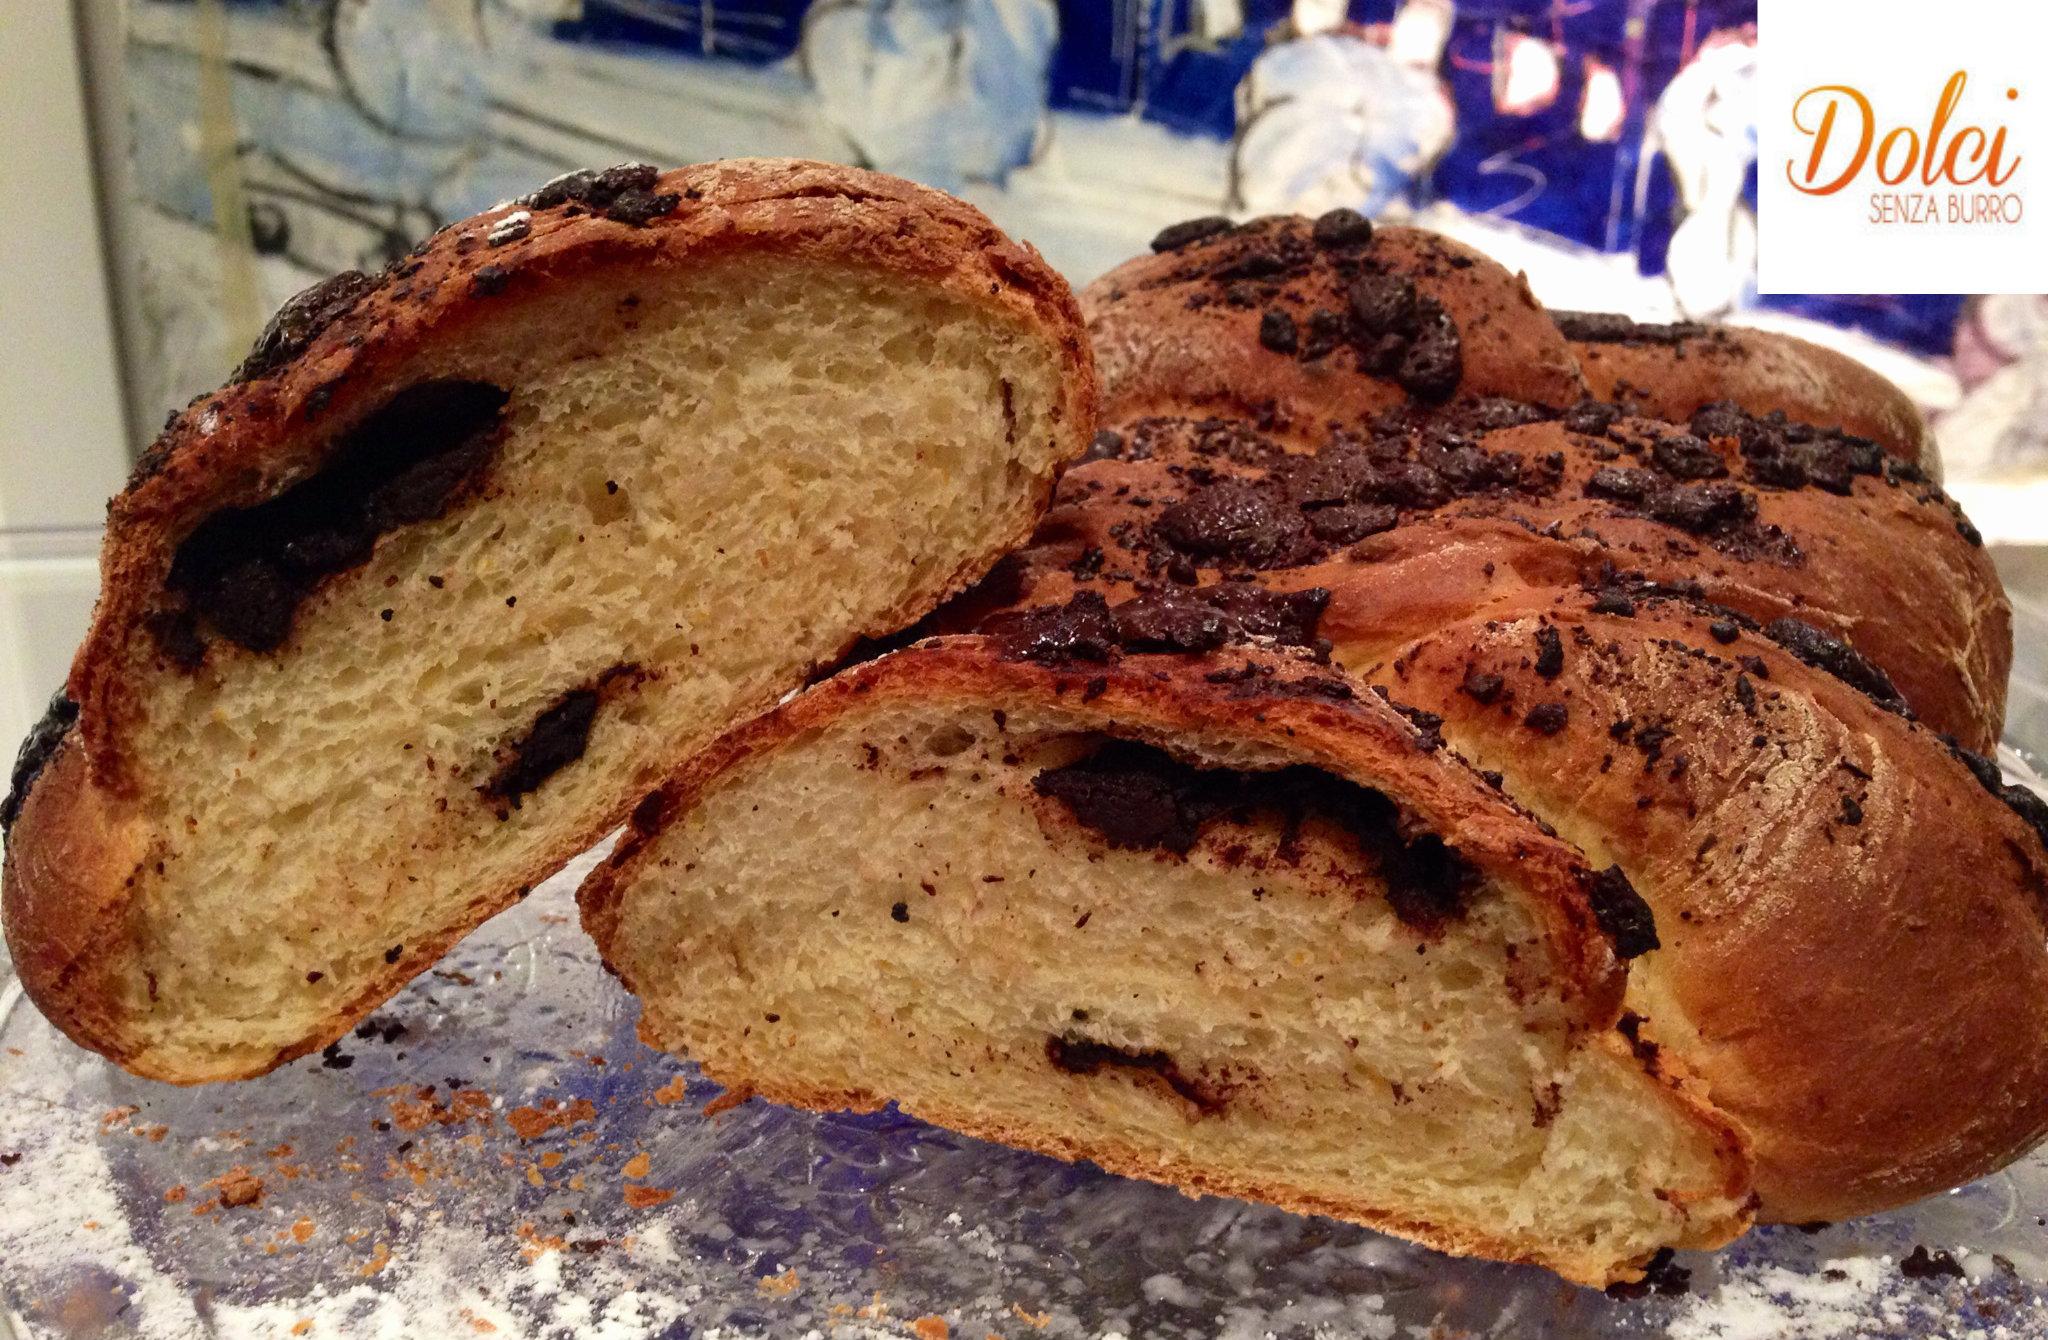 Treccia Dolce Senza Burro al Cioccolato, un pan brioche light senza lattosio di Dolci Senza Burro